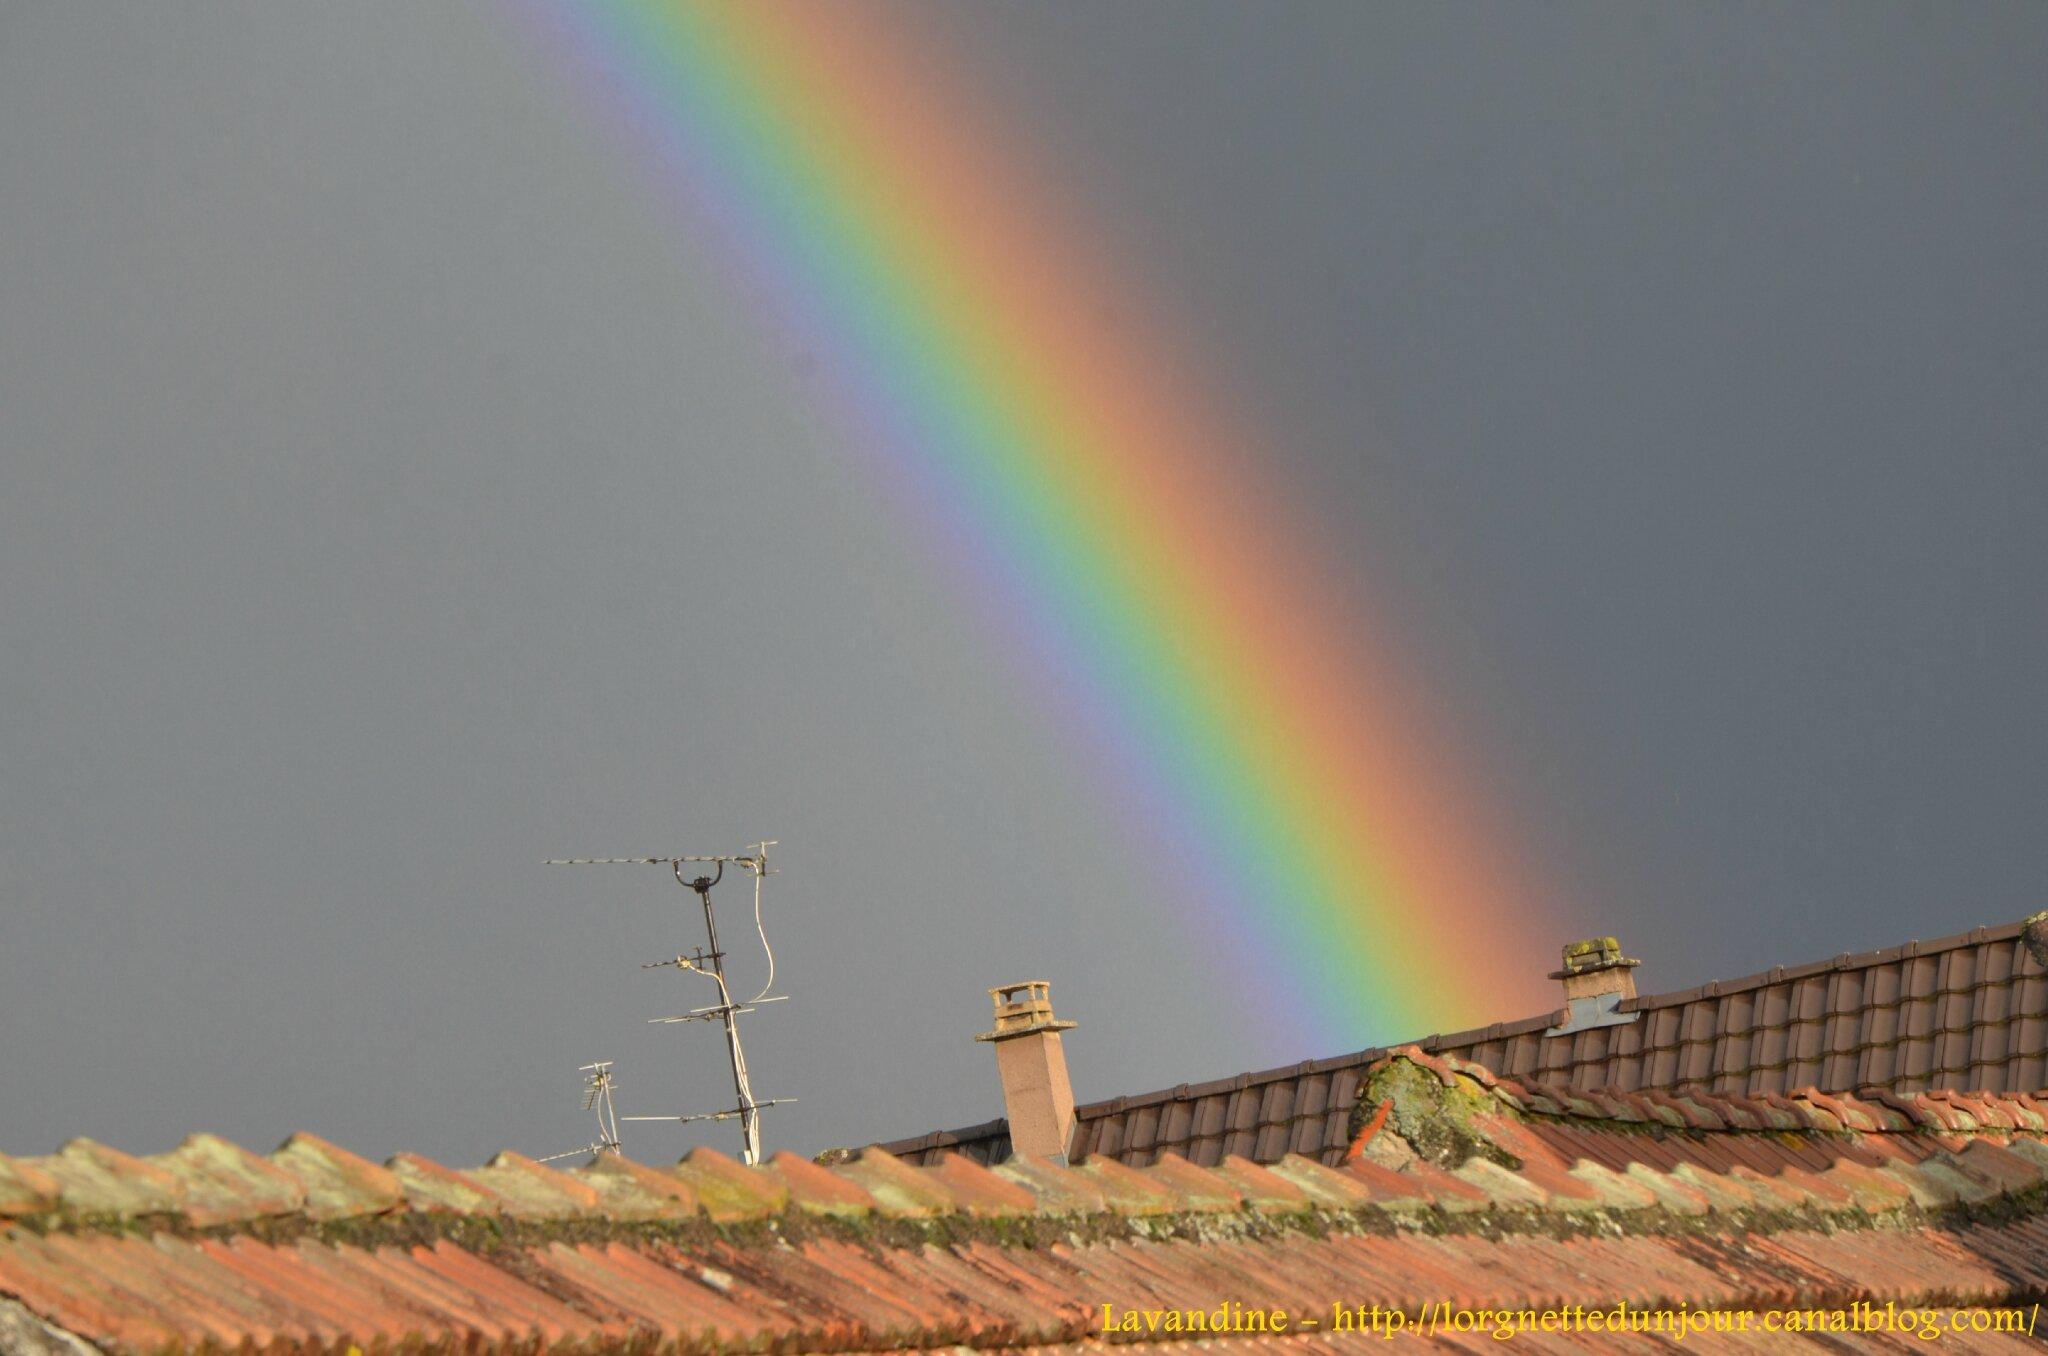 17/01/15 : De la pluie….